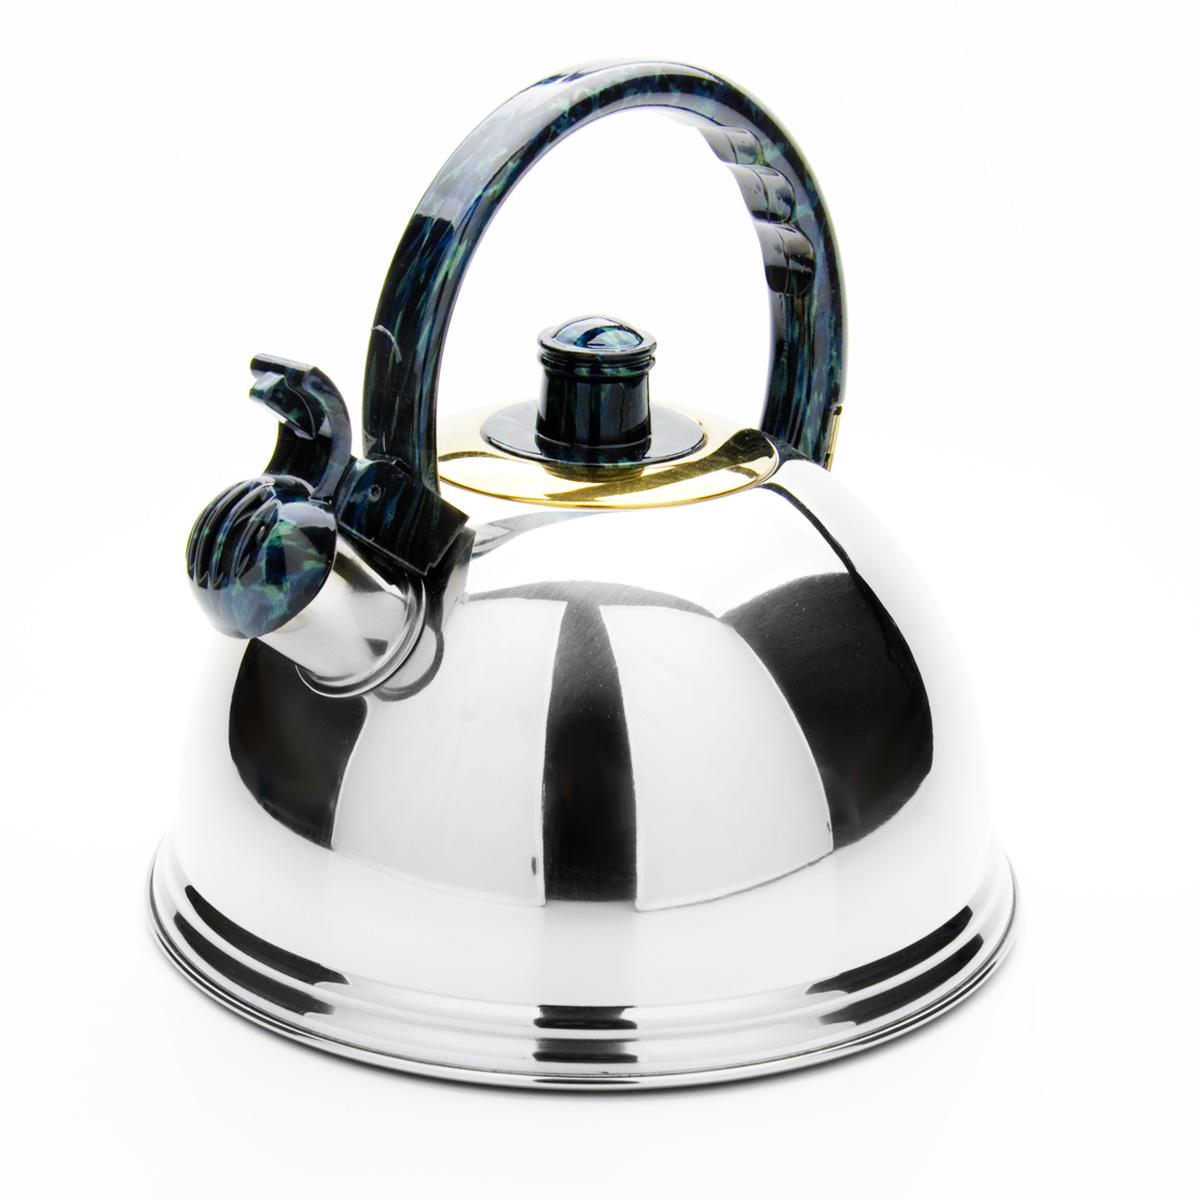 Чайник Mayer & Boch, со свистком, цвет: зеленый, синий, 2,7 л. 2359423594Чайник Mayer & Boch выполнен из нержавеющей стали высокой прочности с зеркальной полировкой. Чайник оснащен откидным свистком, который громко оповестит о закипании воды. Удобная эргономичная ручка и крышка выполнены из нейлона. Такой чайник идеально впишется в интерьер любой кухни и станет замечательным подарком к любому случаю. Подходит для всех типов плит, кроме индукционных. Можно мыть в посудомоечной машине. Диаметр чайника по верхнему краю: 8,5 см. Высота чайника (с учетом ручки): 21 см.